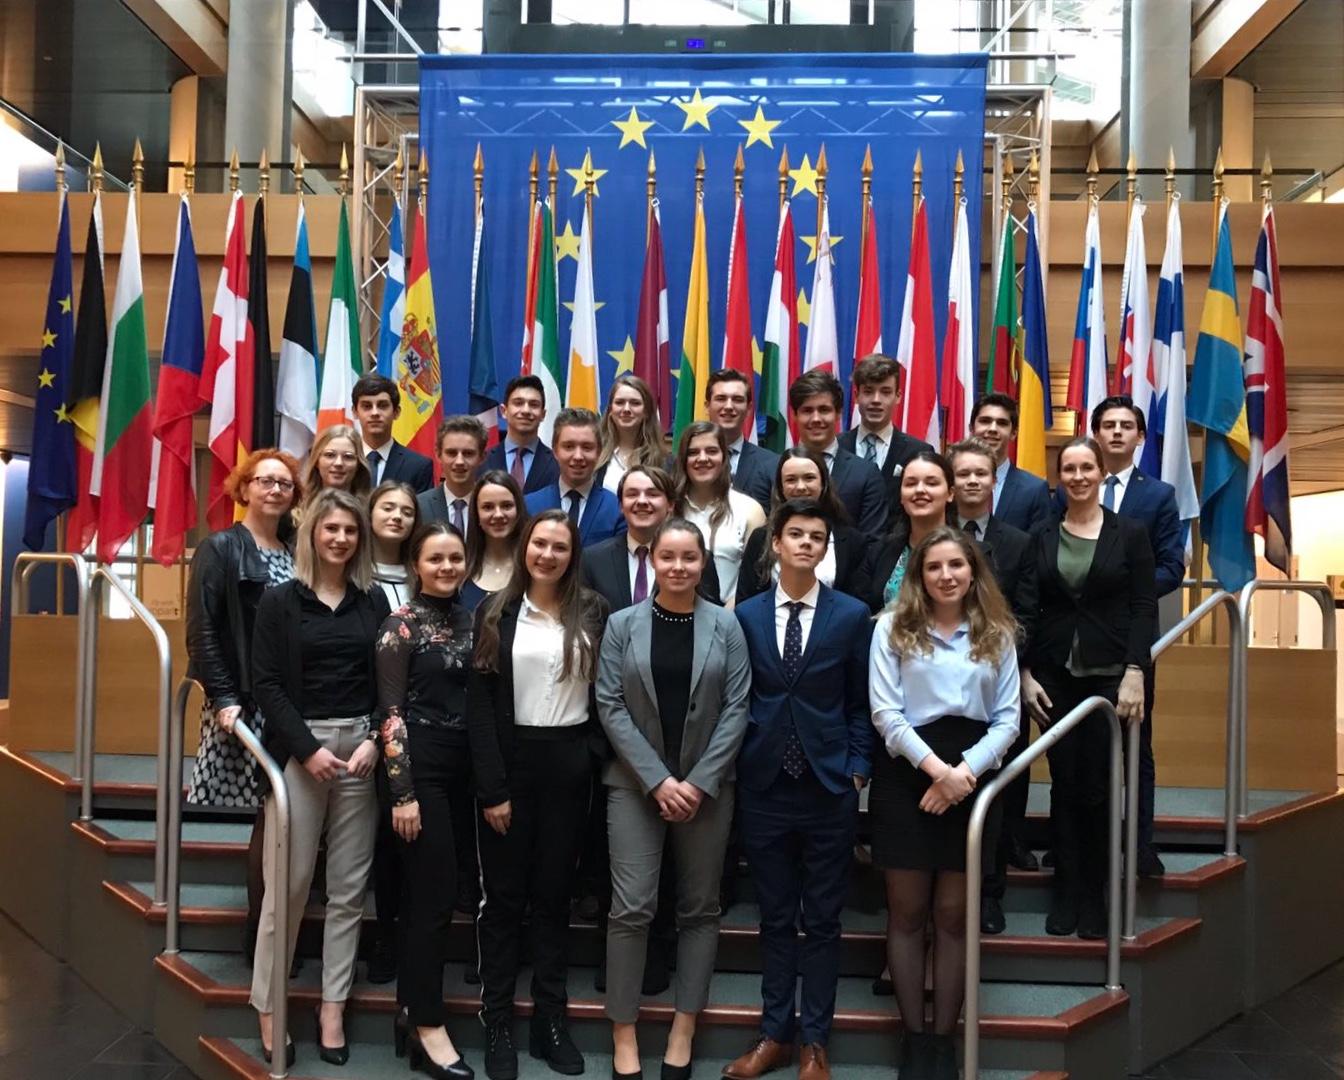 Straatsburgreis 2018 Dag 4: Goed vertegenwoordigd